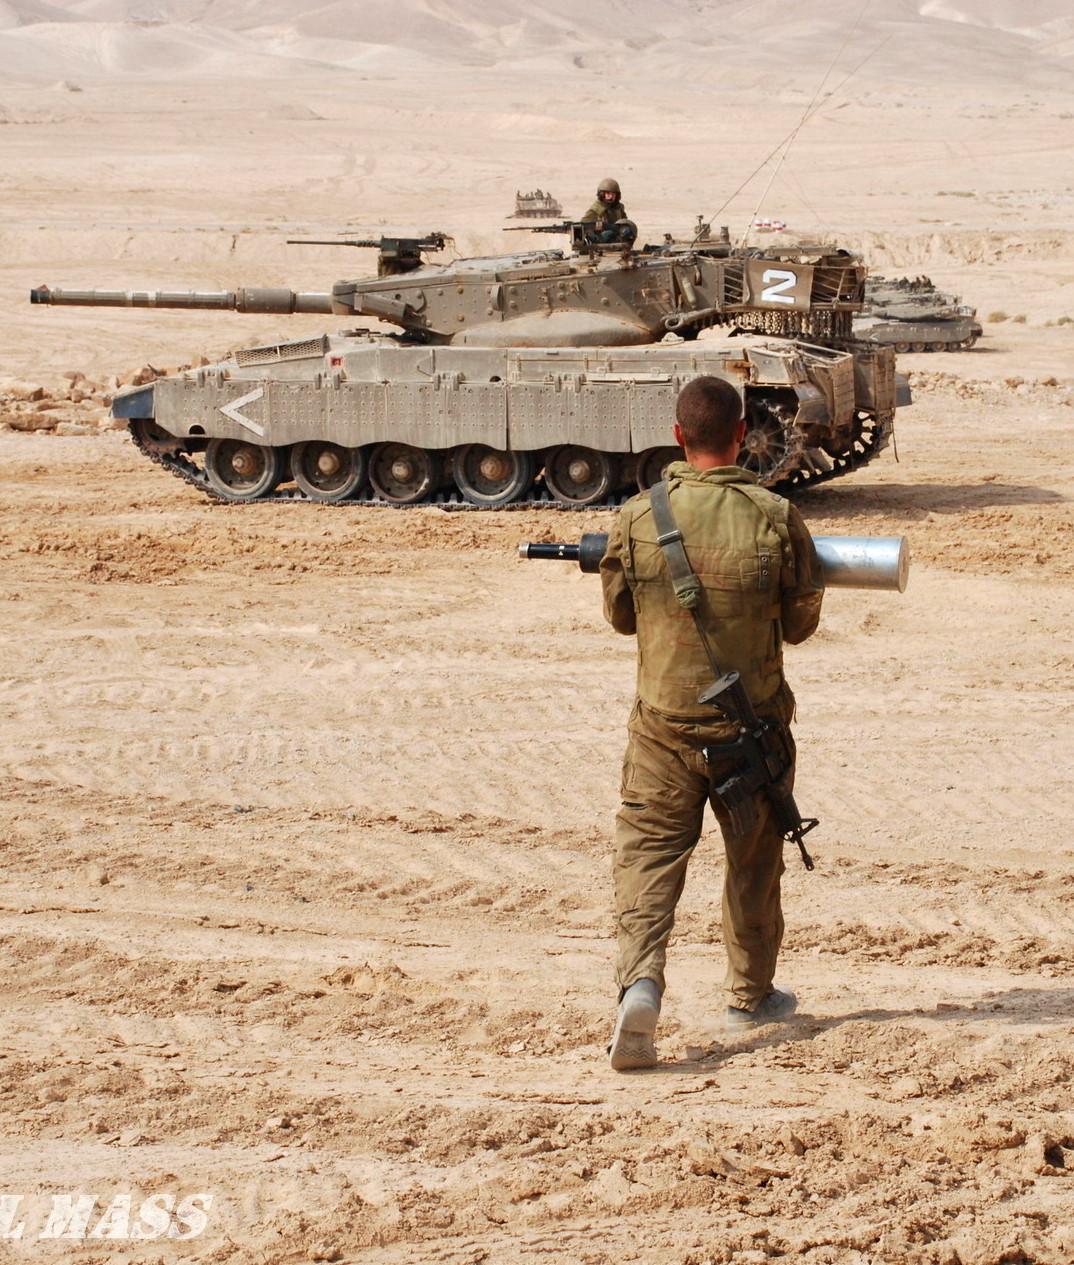 לוחם מחמש טנק מרכבה